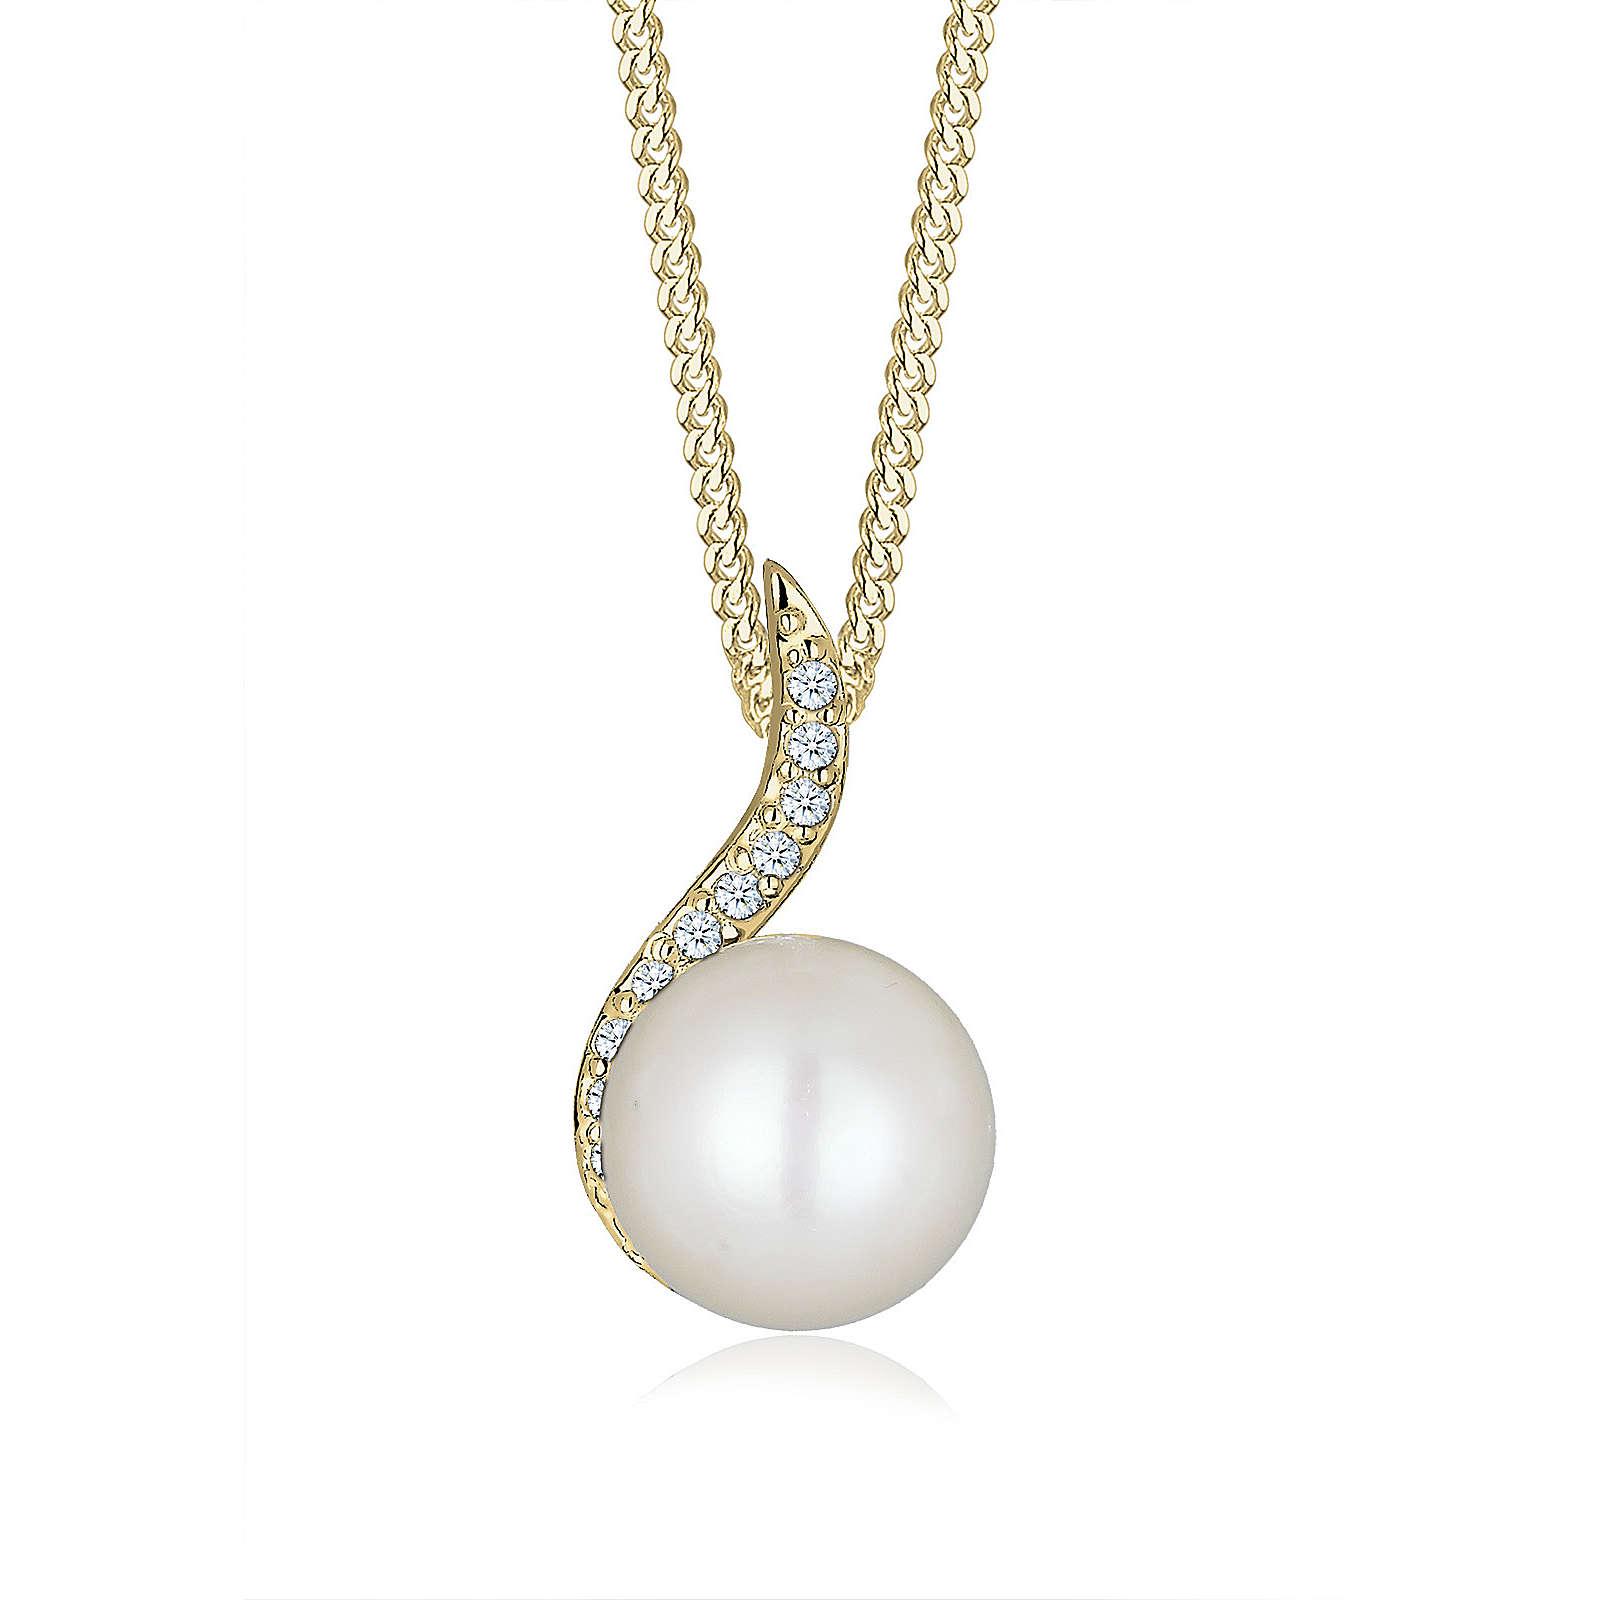 Diamore Halskette Klassisch Perle Diamant (0.11 ct.) 585 Gelbgold Halsketten weiß Damen Gr. one size